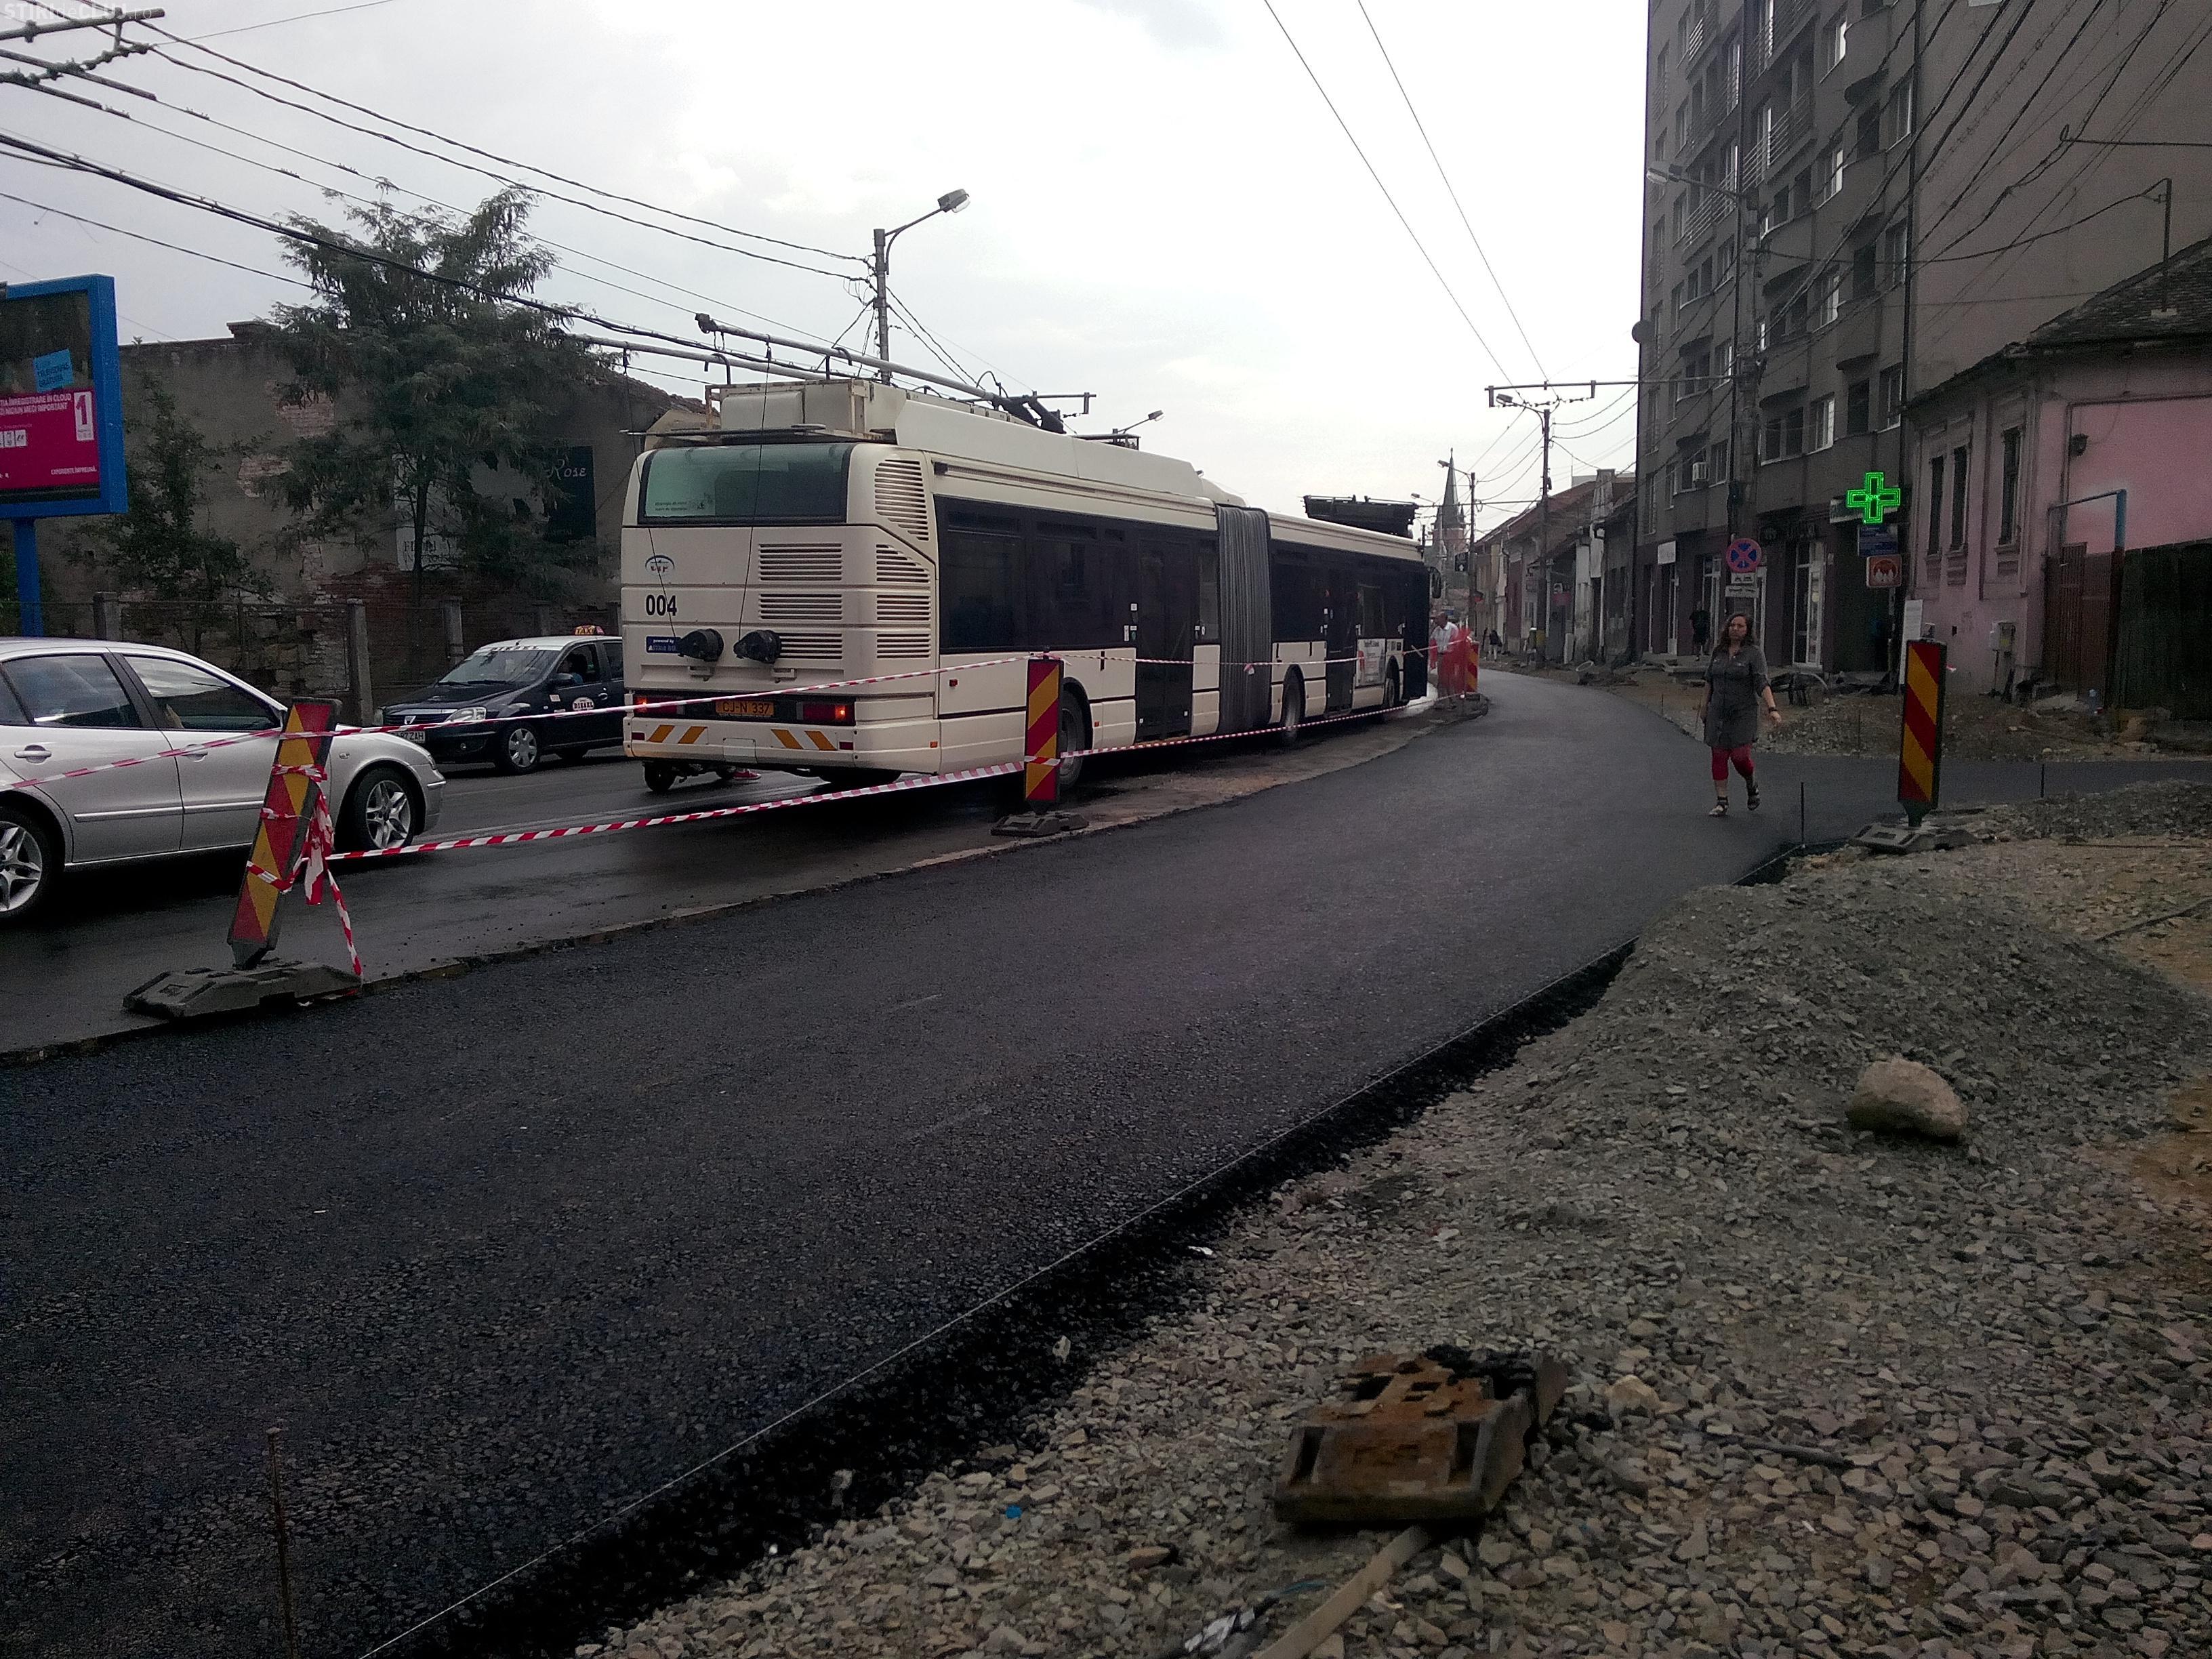 Mijloacele de transport în comun în blocate la Fabrica de Bere, din cauza unui troleibuz care s-a stricat în mijlocul străzii FOTO